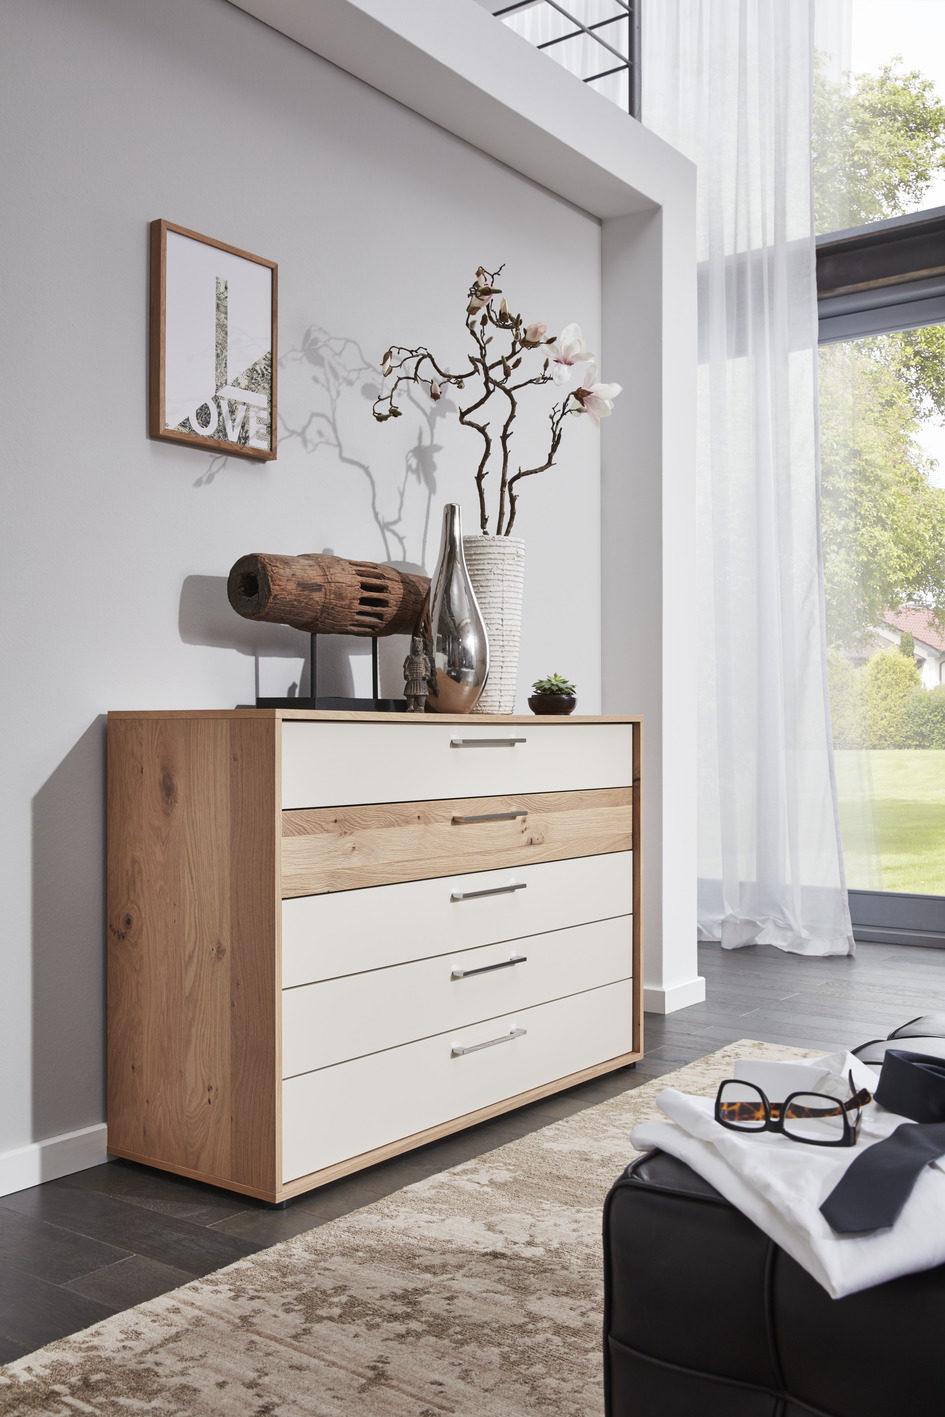 Interliving Schlafzimmer Serie 1002 – Schubladenkommode, sandfarbener Lack  & Balkeneiche-Echtholzfurnier – fünf Schubladen